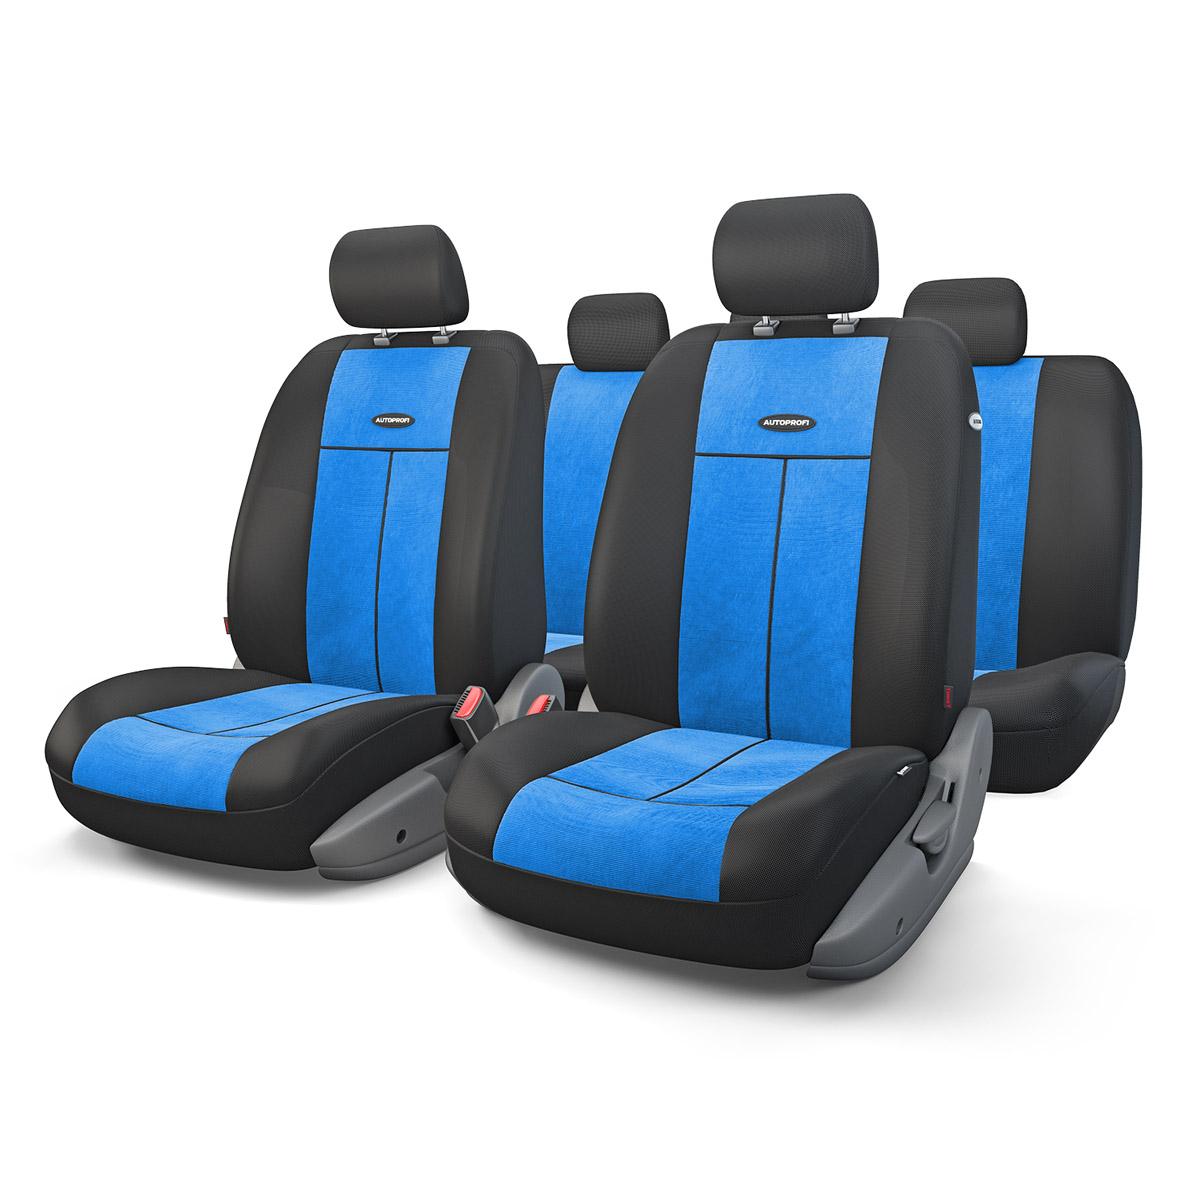 Чехол на сиденье Autoprofi Tt-902v bk/bl аксессуары для автомобиля autoprofi автомобильные чехлы tt airbag tt 902j 9 предметов